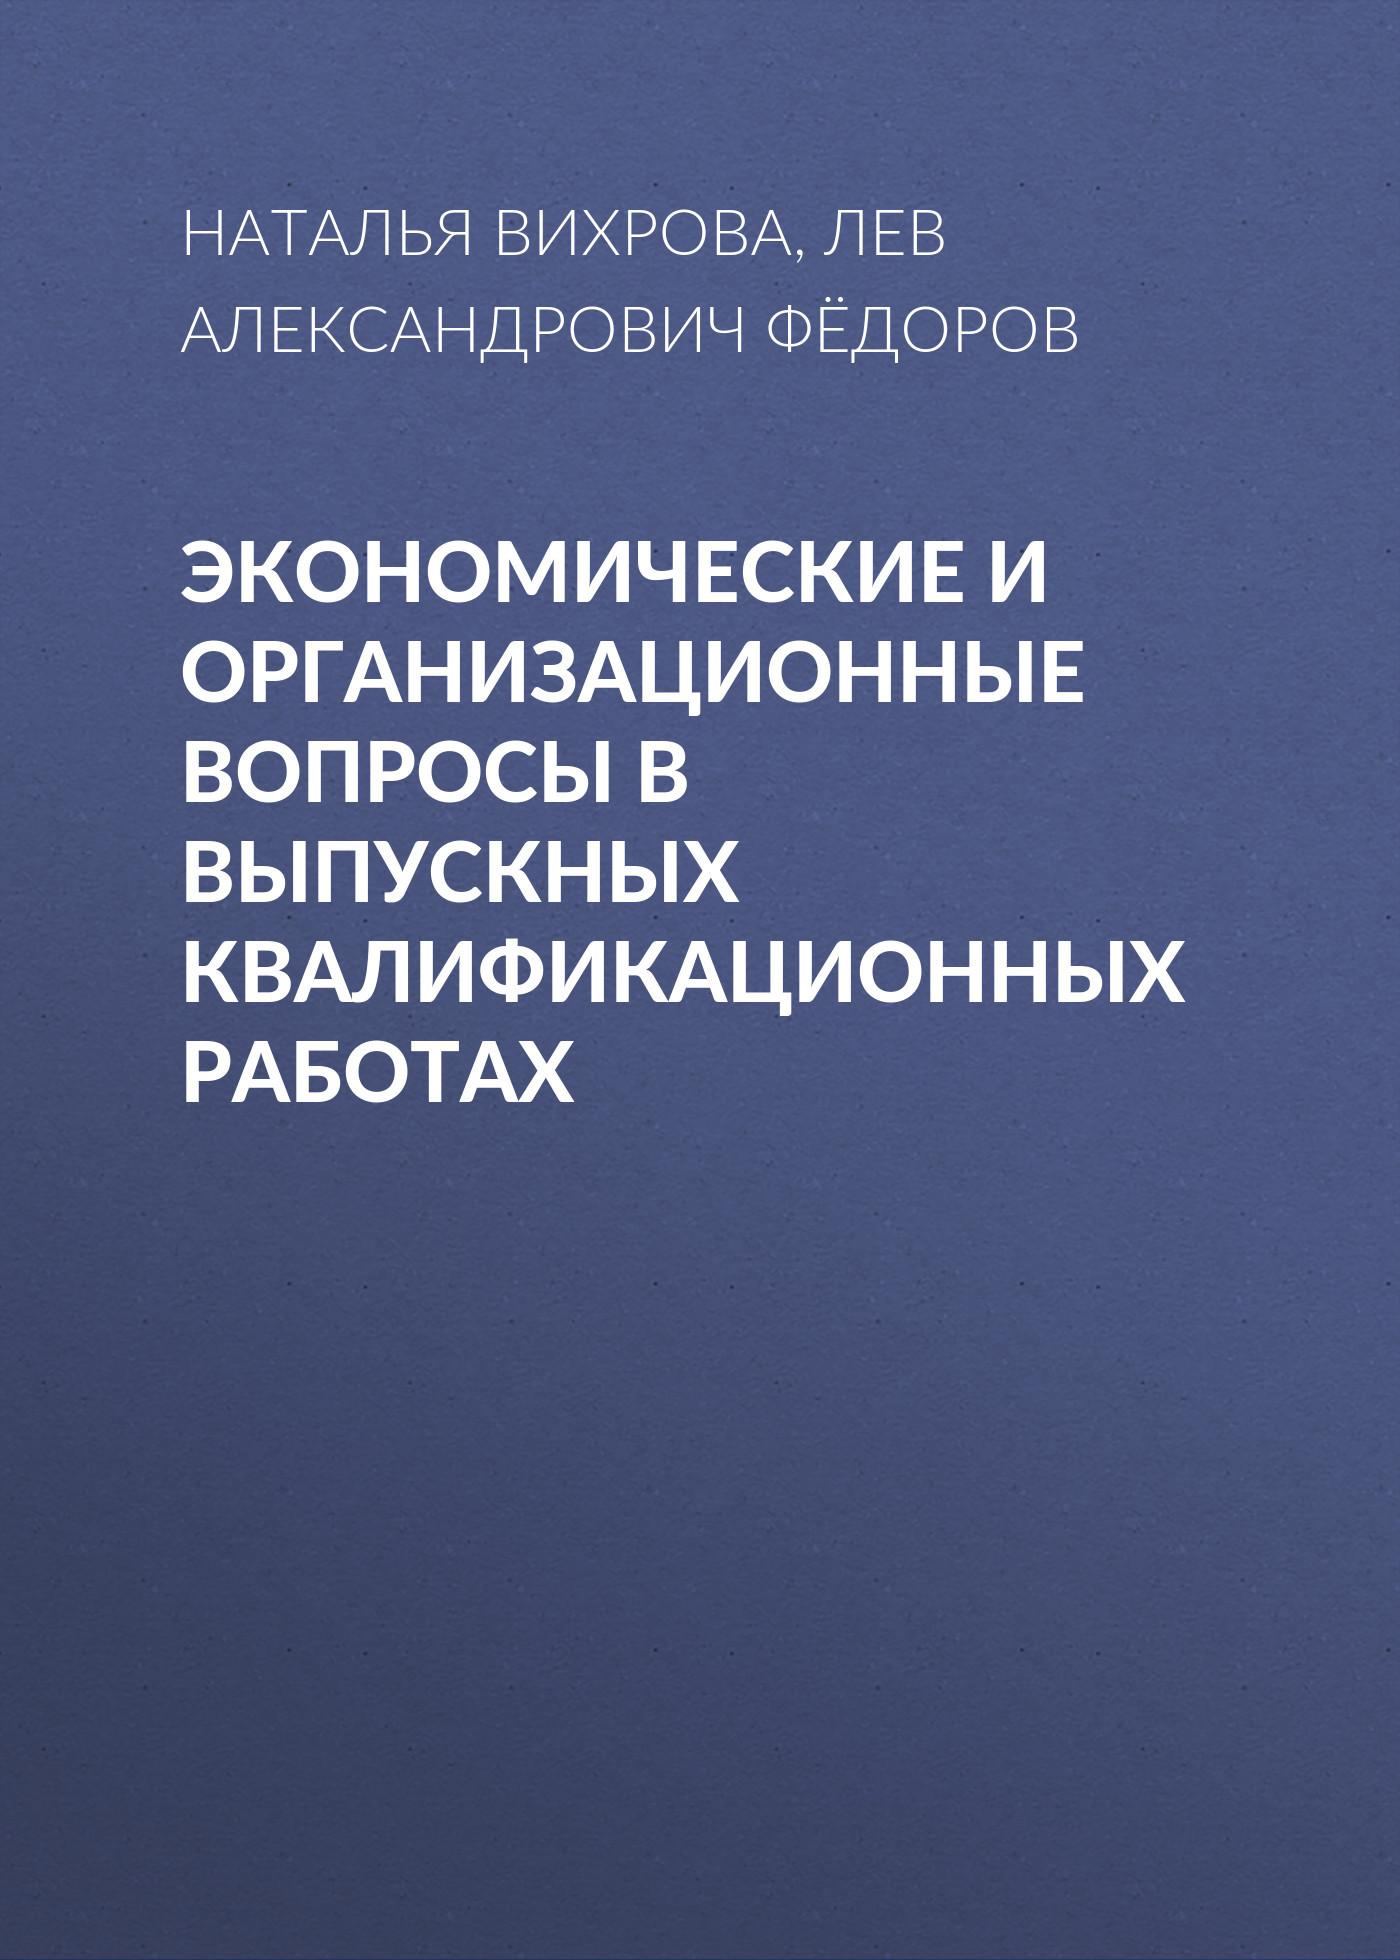 Лев Александрович Фёдоров Экономические и организационные вопросы в выпускных квалификационных работах тарифный план